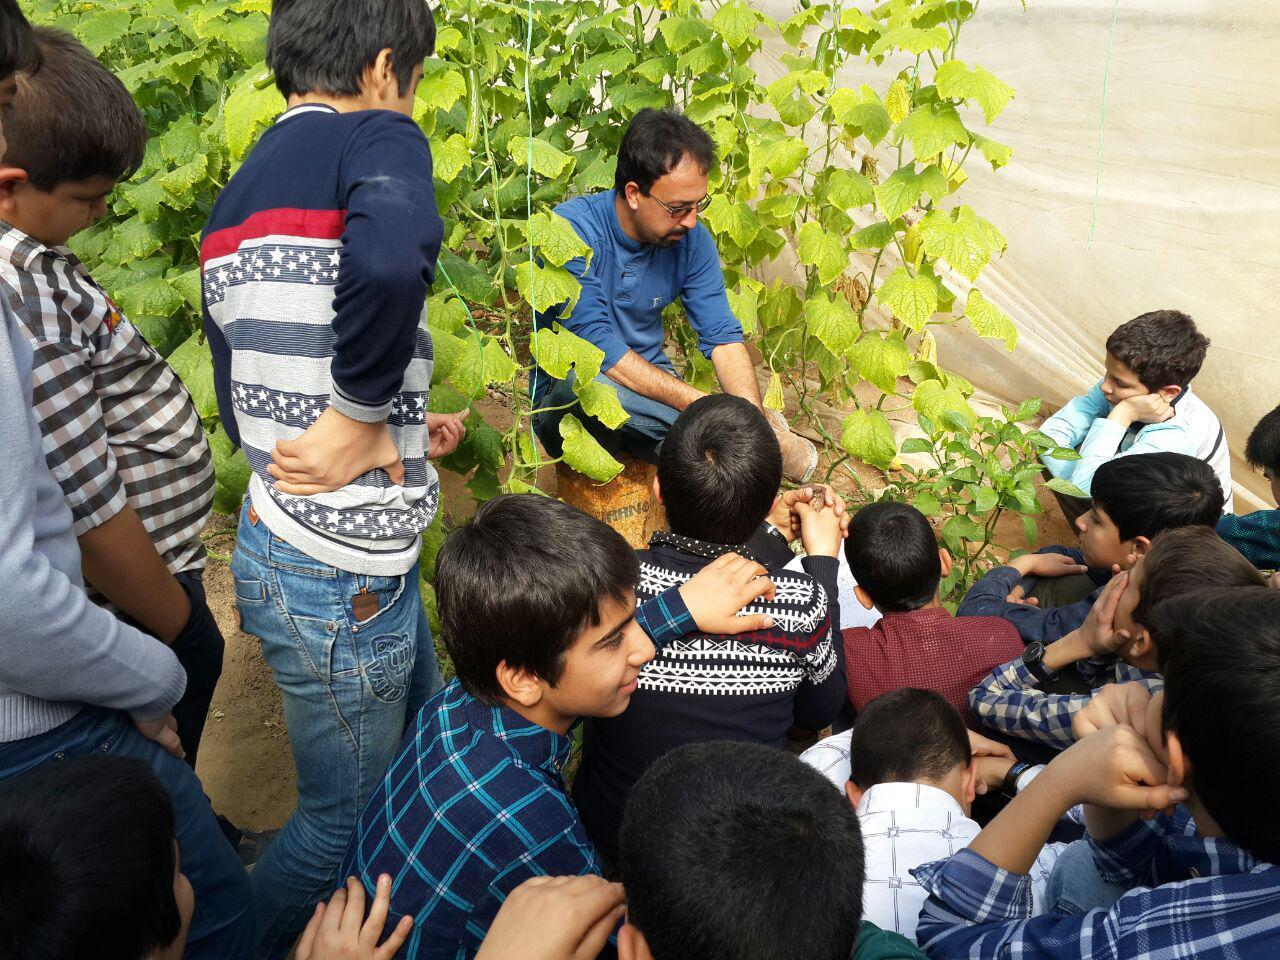 بازدید از گلخانه/کلاس شهید احمدی روشن